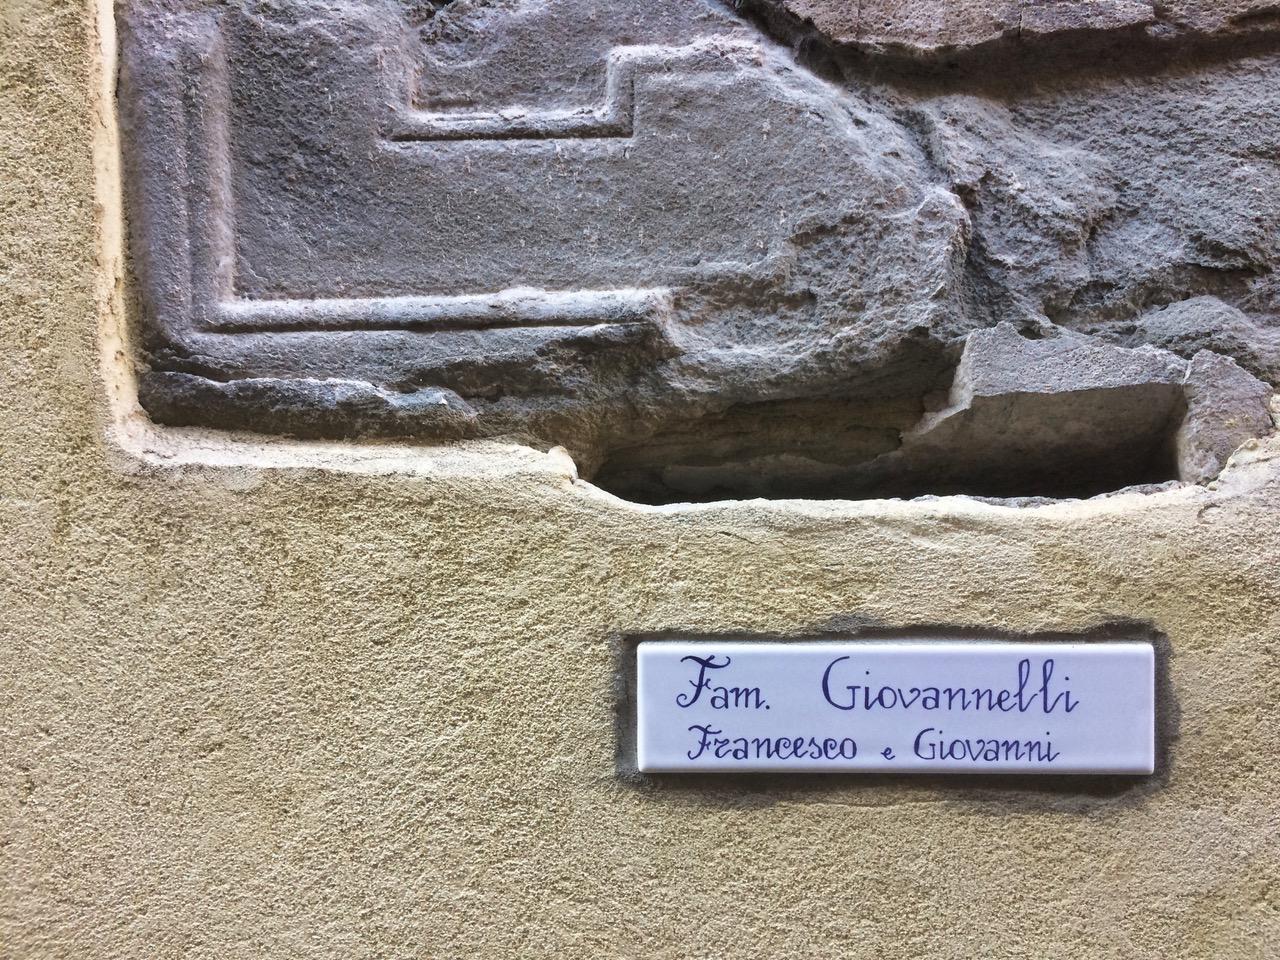 Cagli Francesco Giovanelli